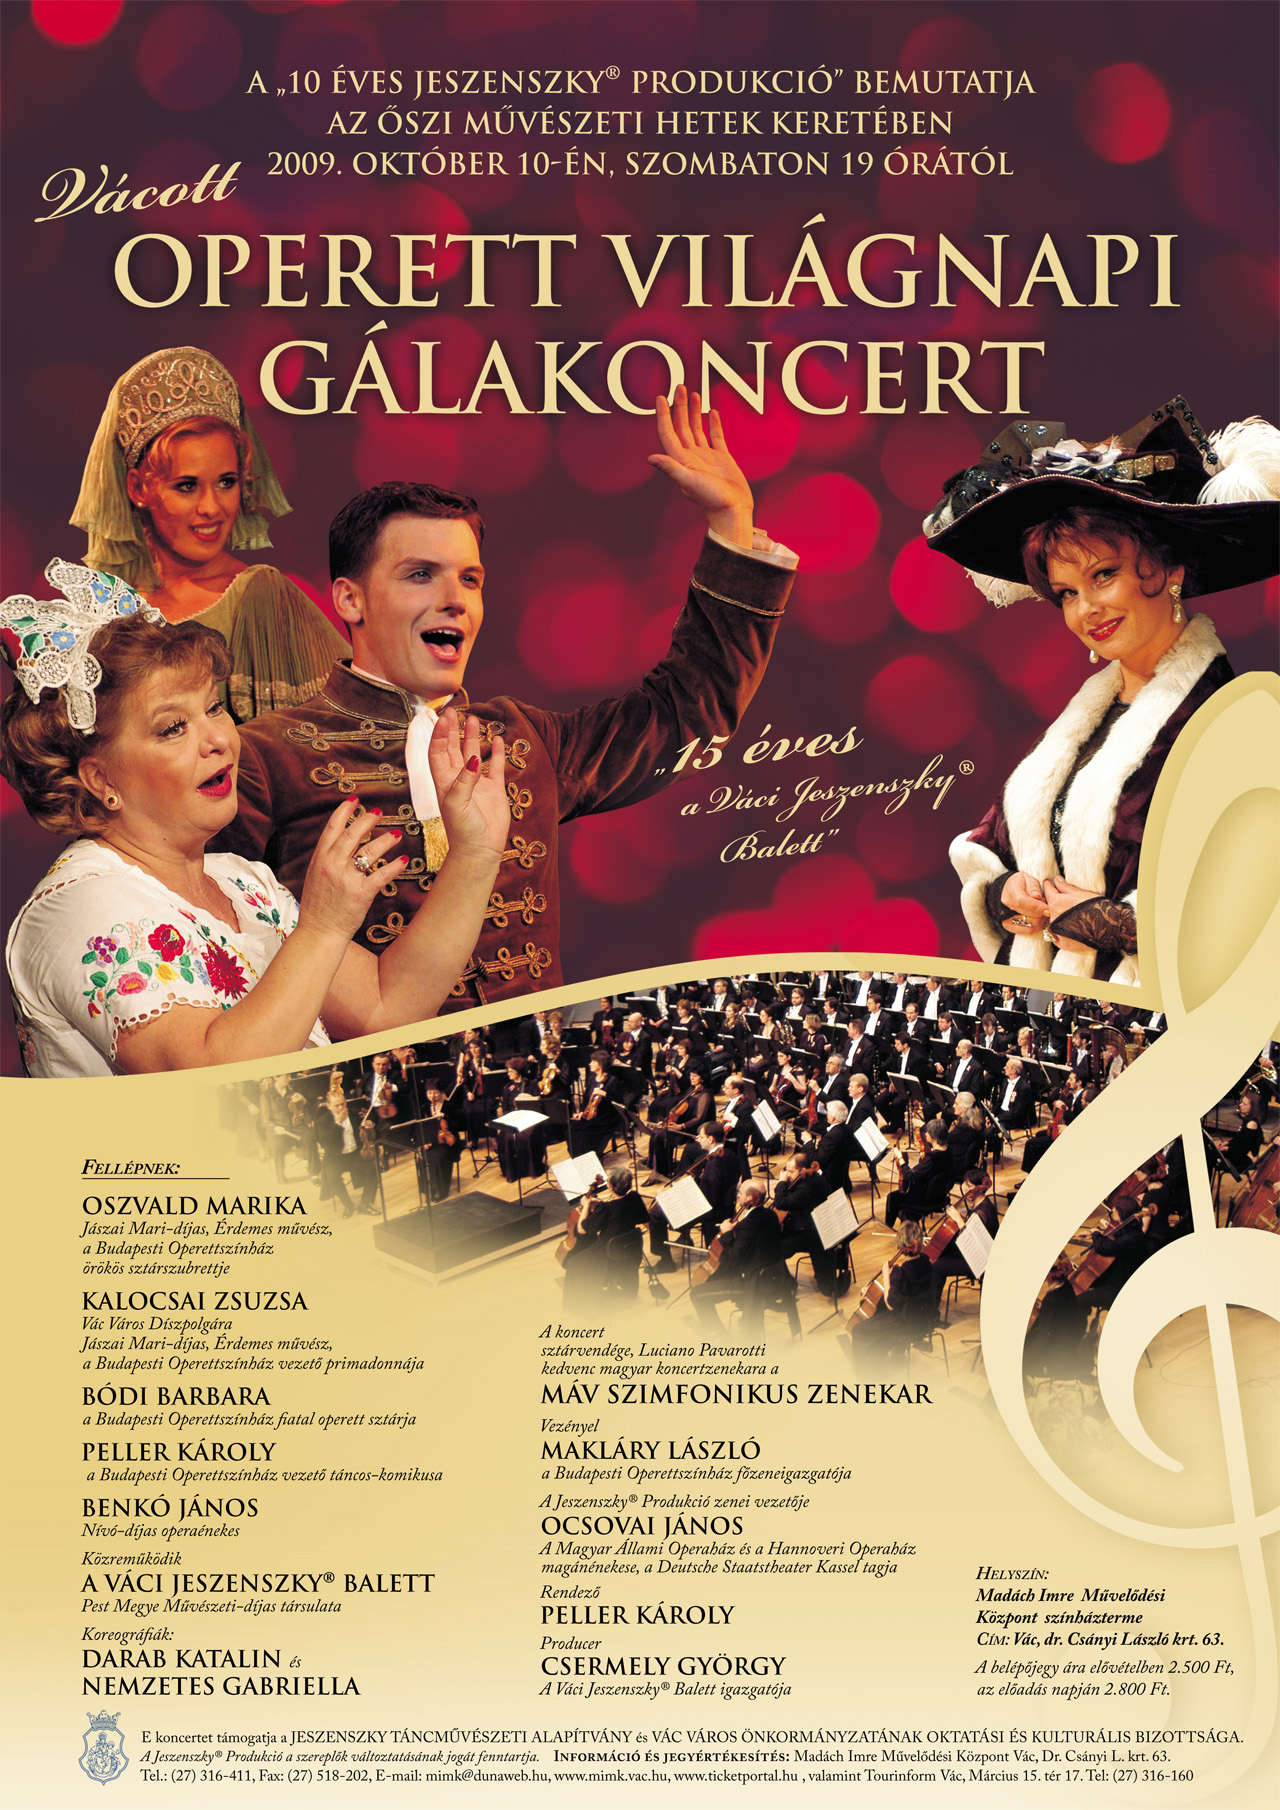 jeszenszky-vaci-balett-operett-vilagnap-galakoncert